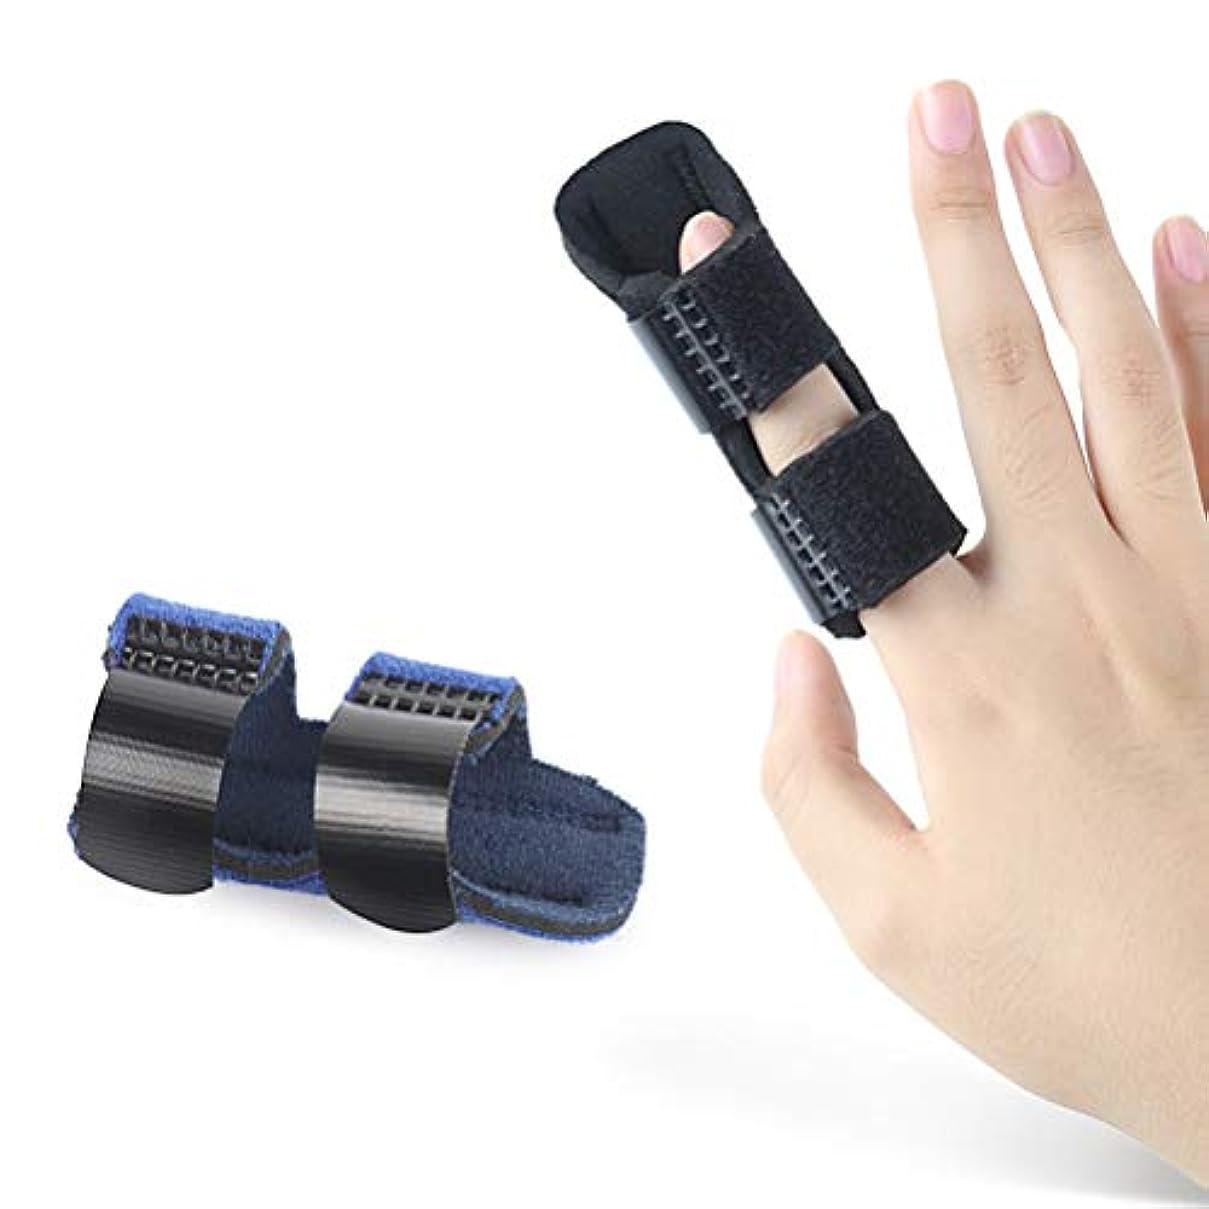 買う看板叫ぶSUPVOX 首サポートブレース 腱鞘炎 バネ指 関節靭帯保護 損傷回復に 手首の親指の痛みを和らげる 1対指スプリントサポート(黒)